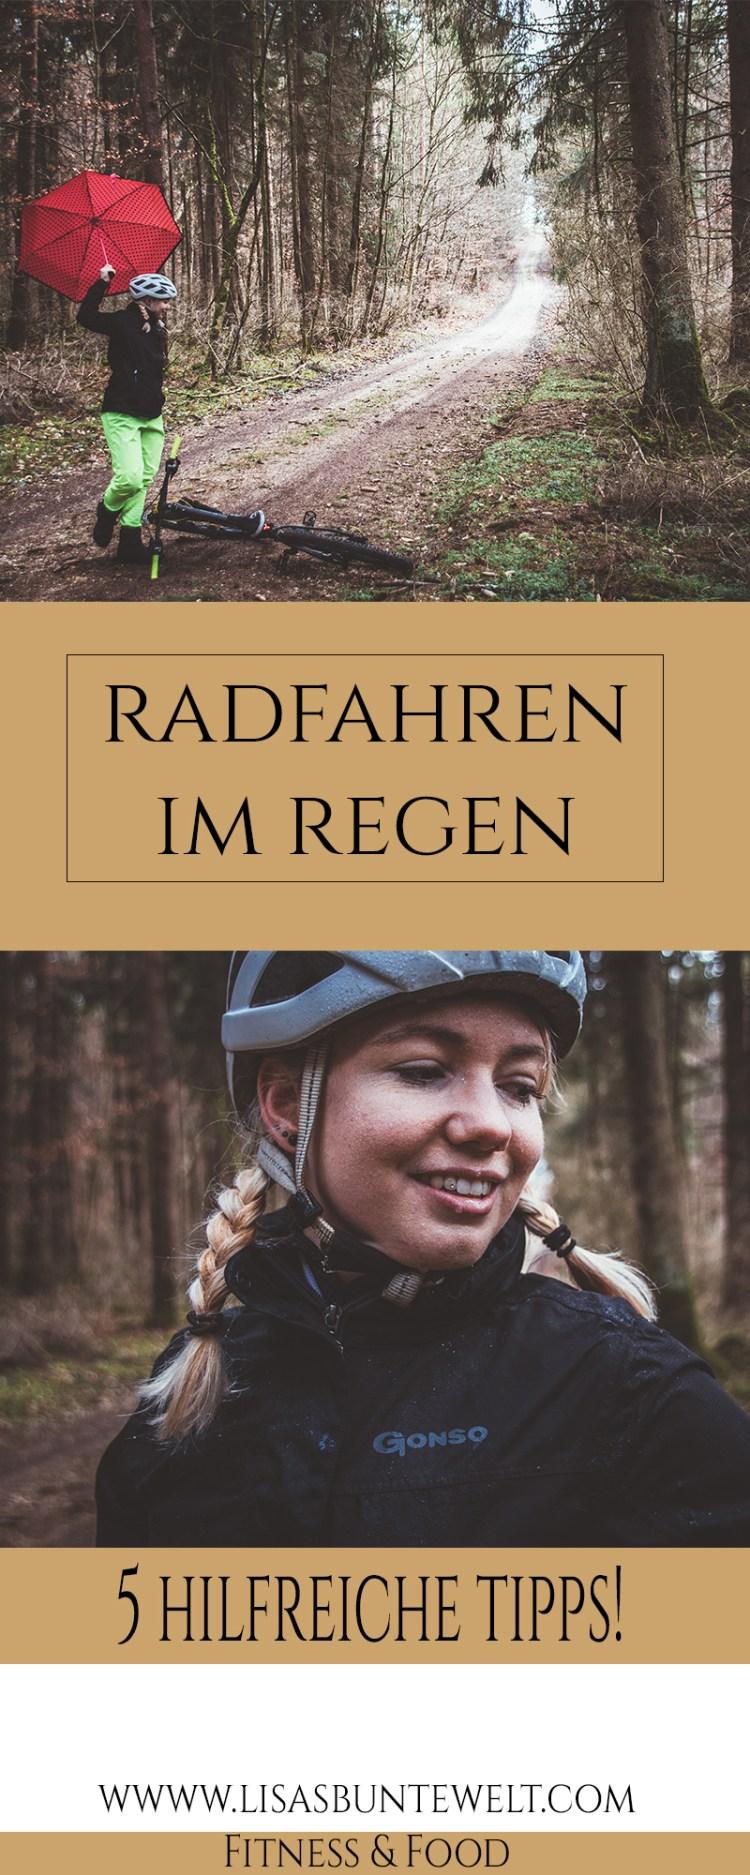 Radfahren im Regen - Bekleidung, Sicherheit und Tipps